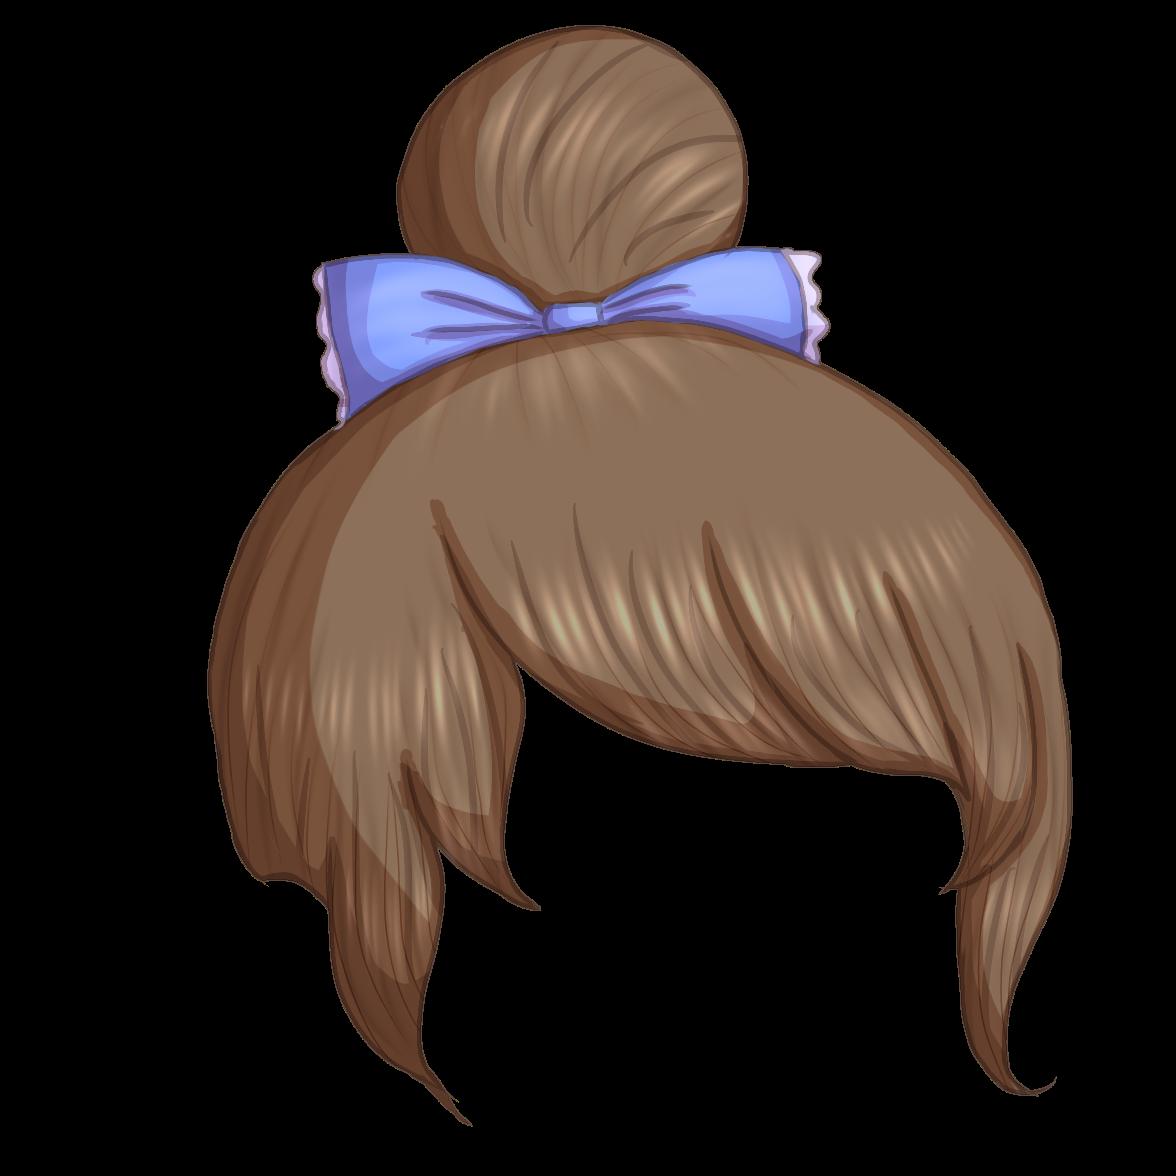 Hair Bun Anime Top Knot Hairdye Hairofinstagram Hairideas In 2020 Chibi Hair Drawing Hair Tutorial Cartoon Hair